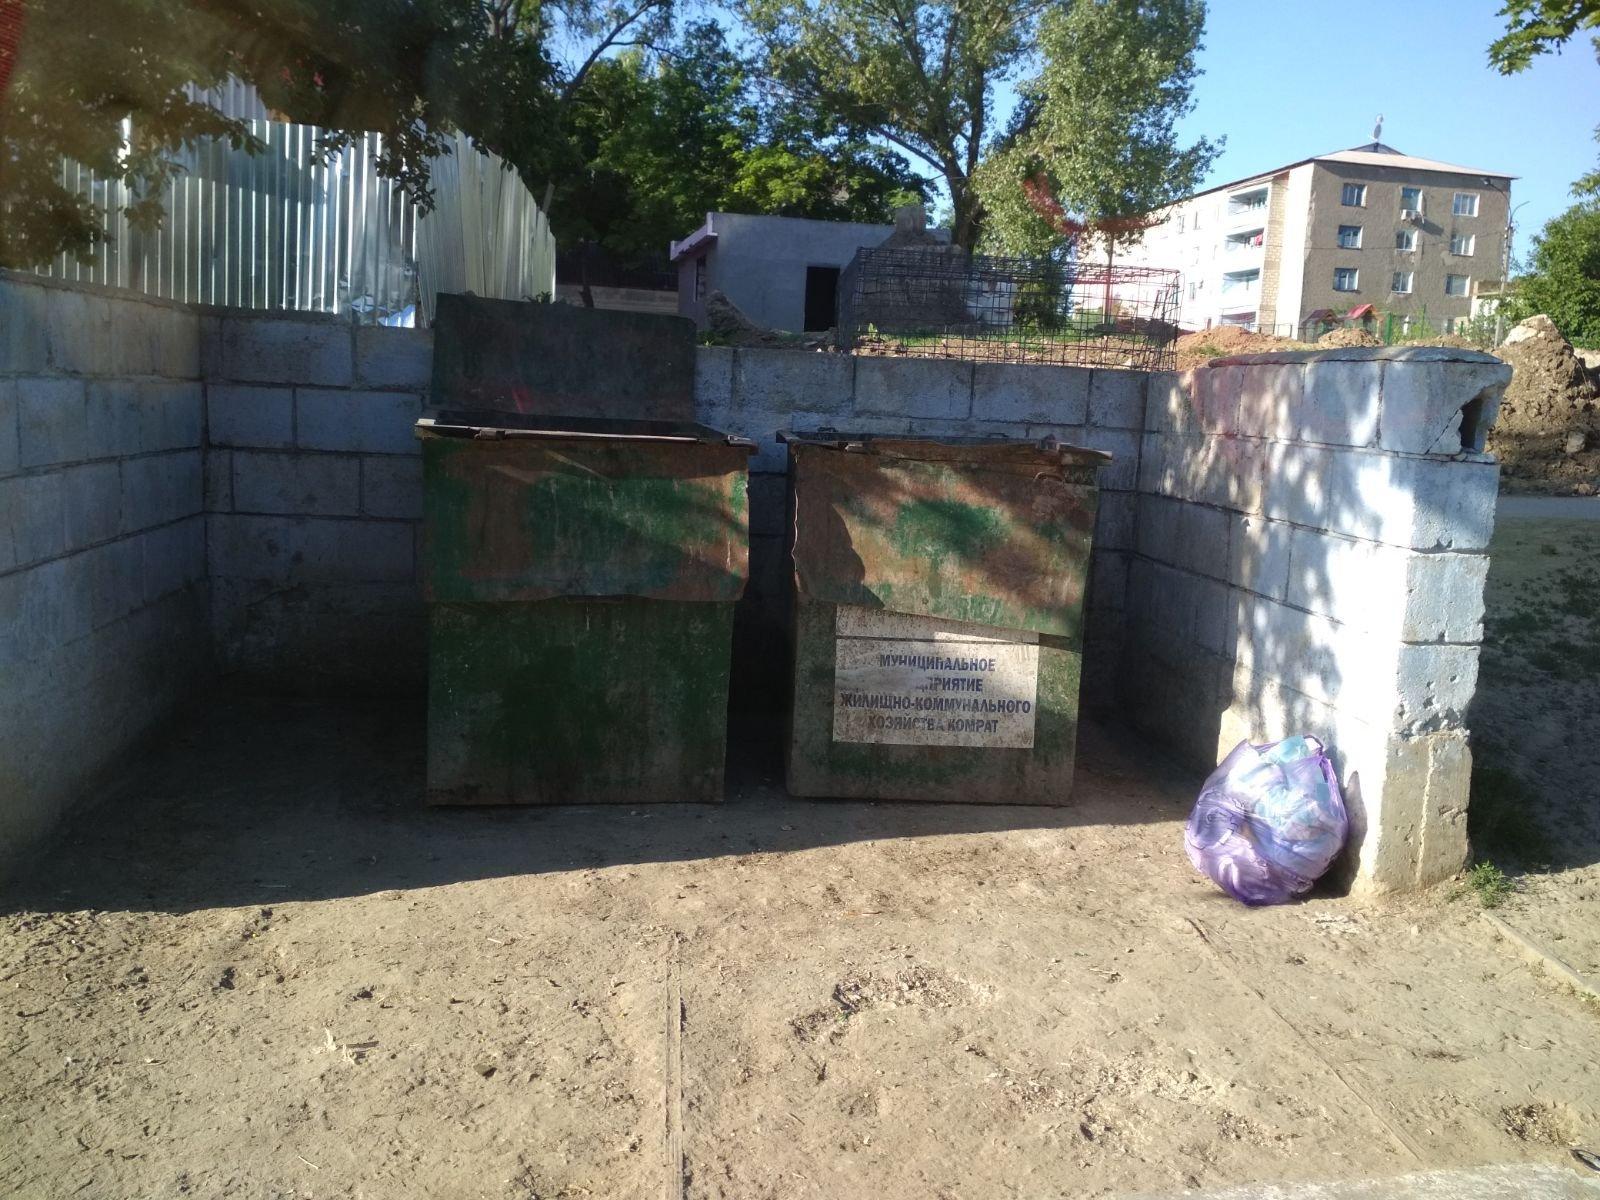 Администрация МП ЖКХ Комрата просит горожан не оставлять пакеты с мусором рядом с контейнерами